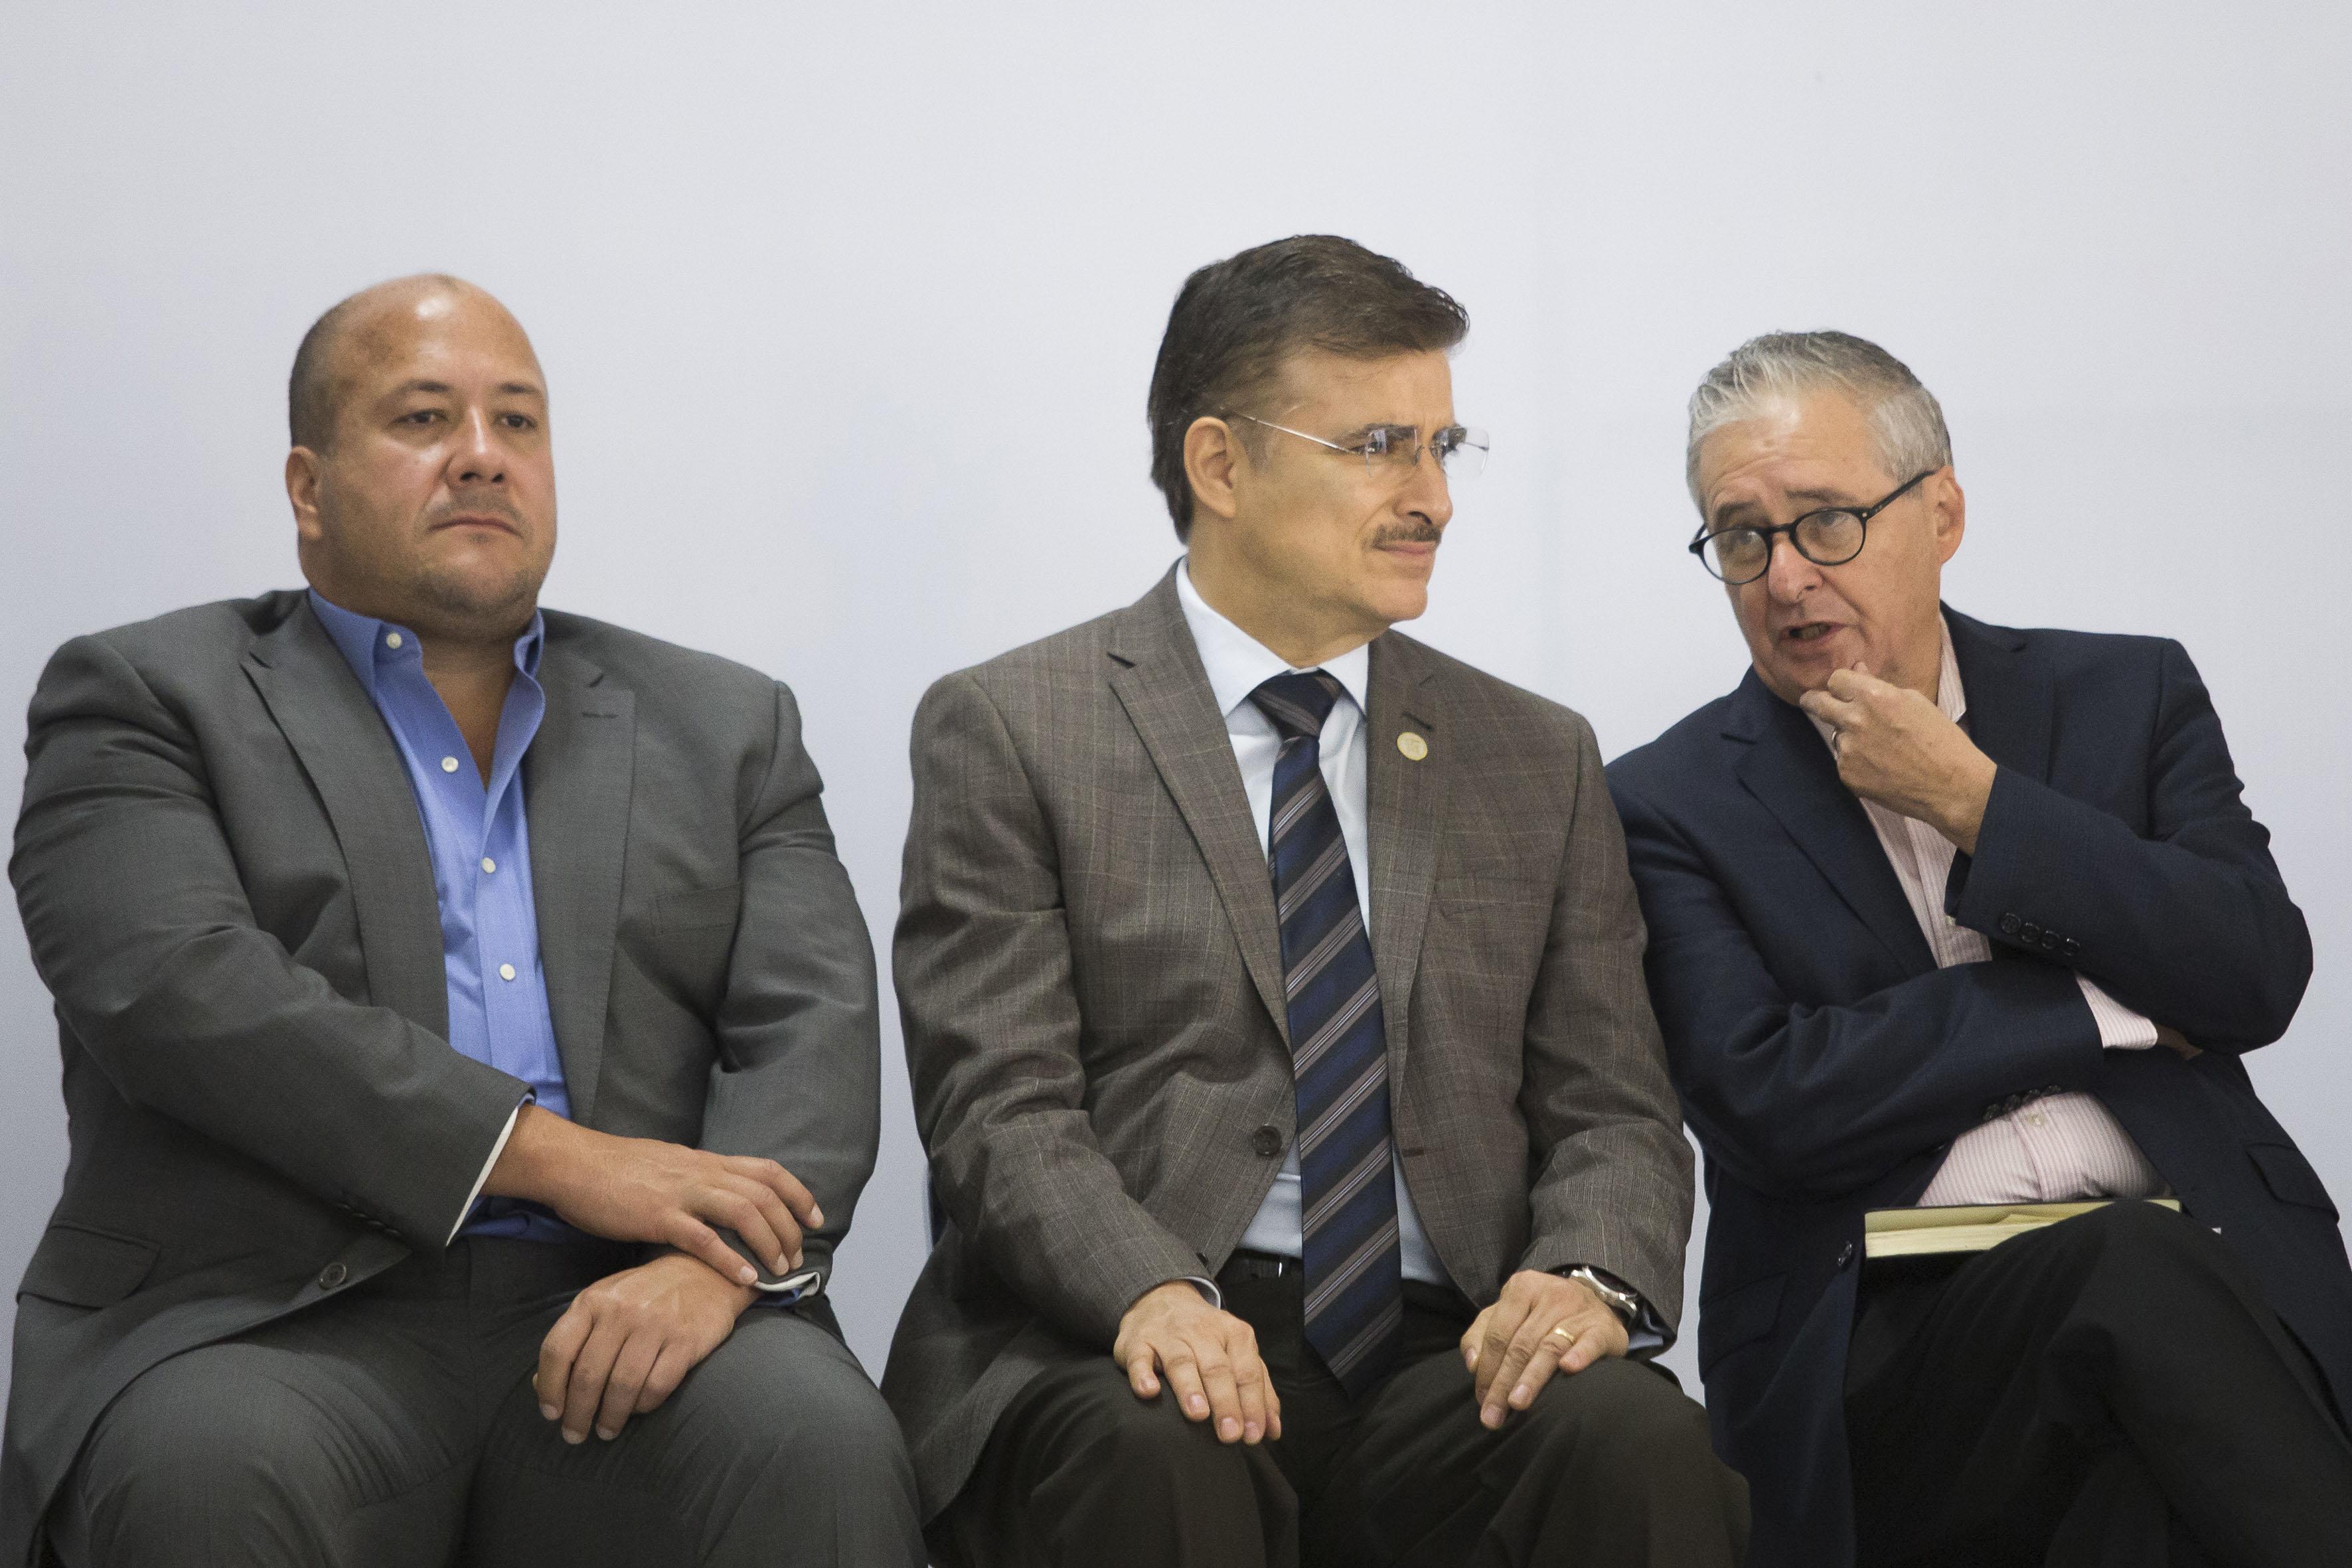 Presidente Municipal de Guadalajara, maestro Enrique Alfaro Ramírez, y Rector General de la Universidad de Guadalajara, maestro Itzcóatl Tonatiuh Bravo Padilla.